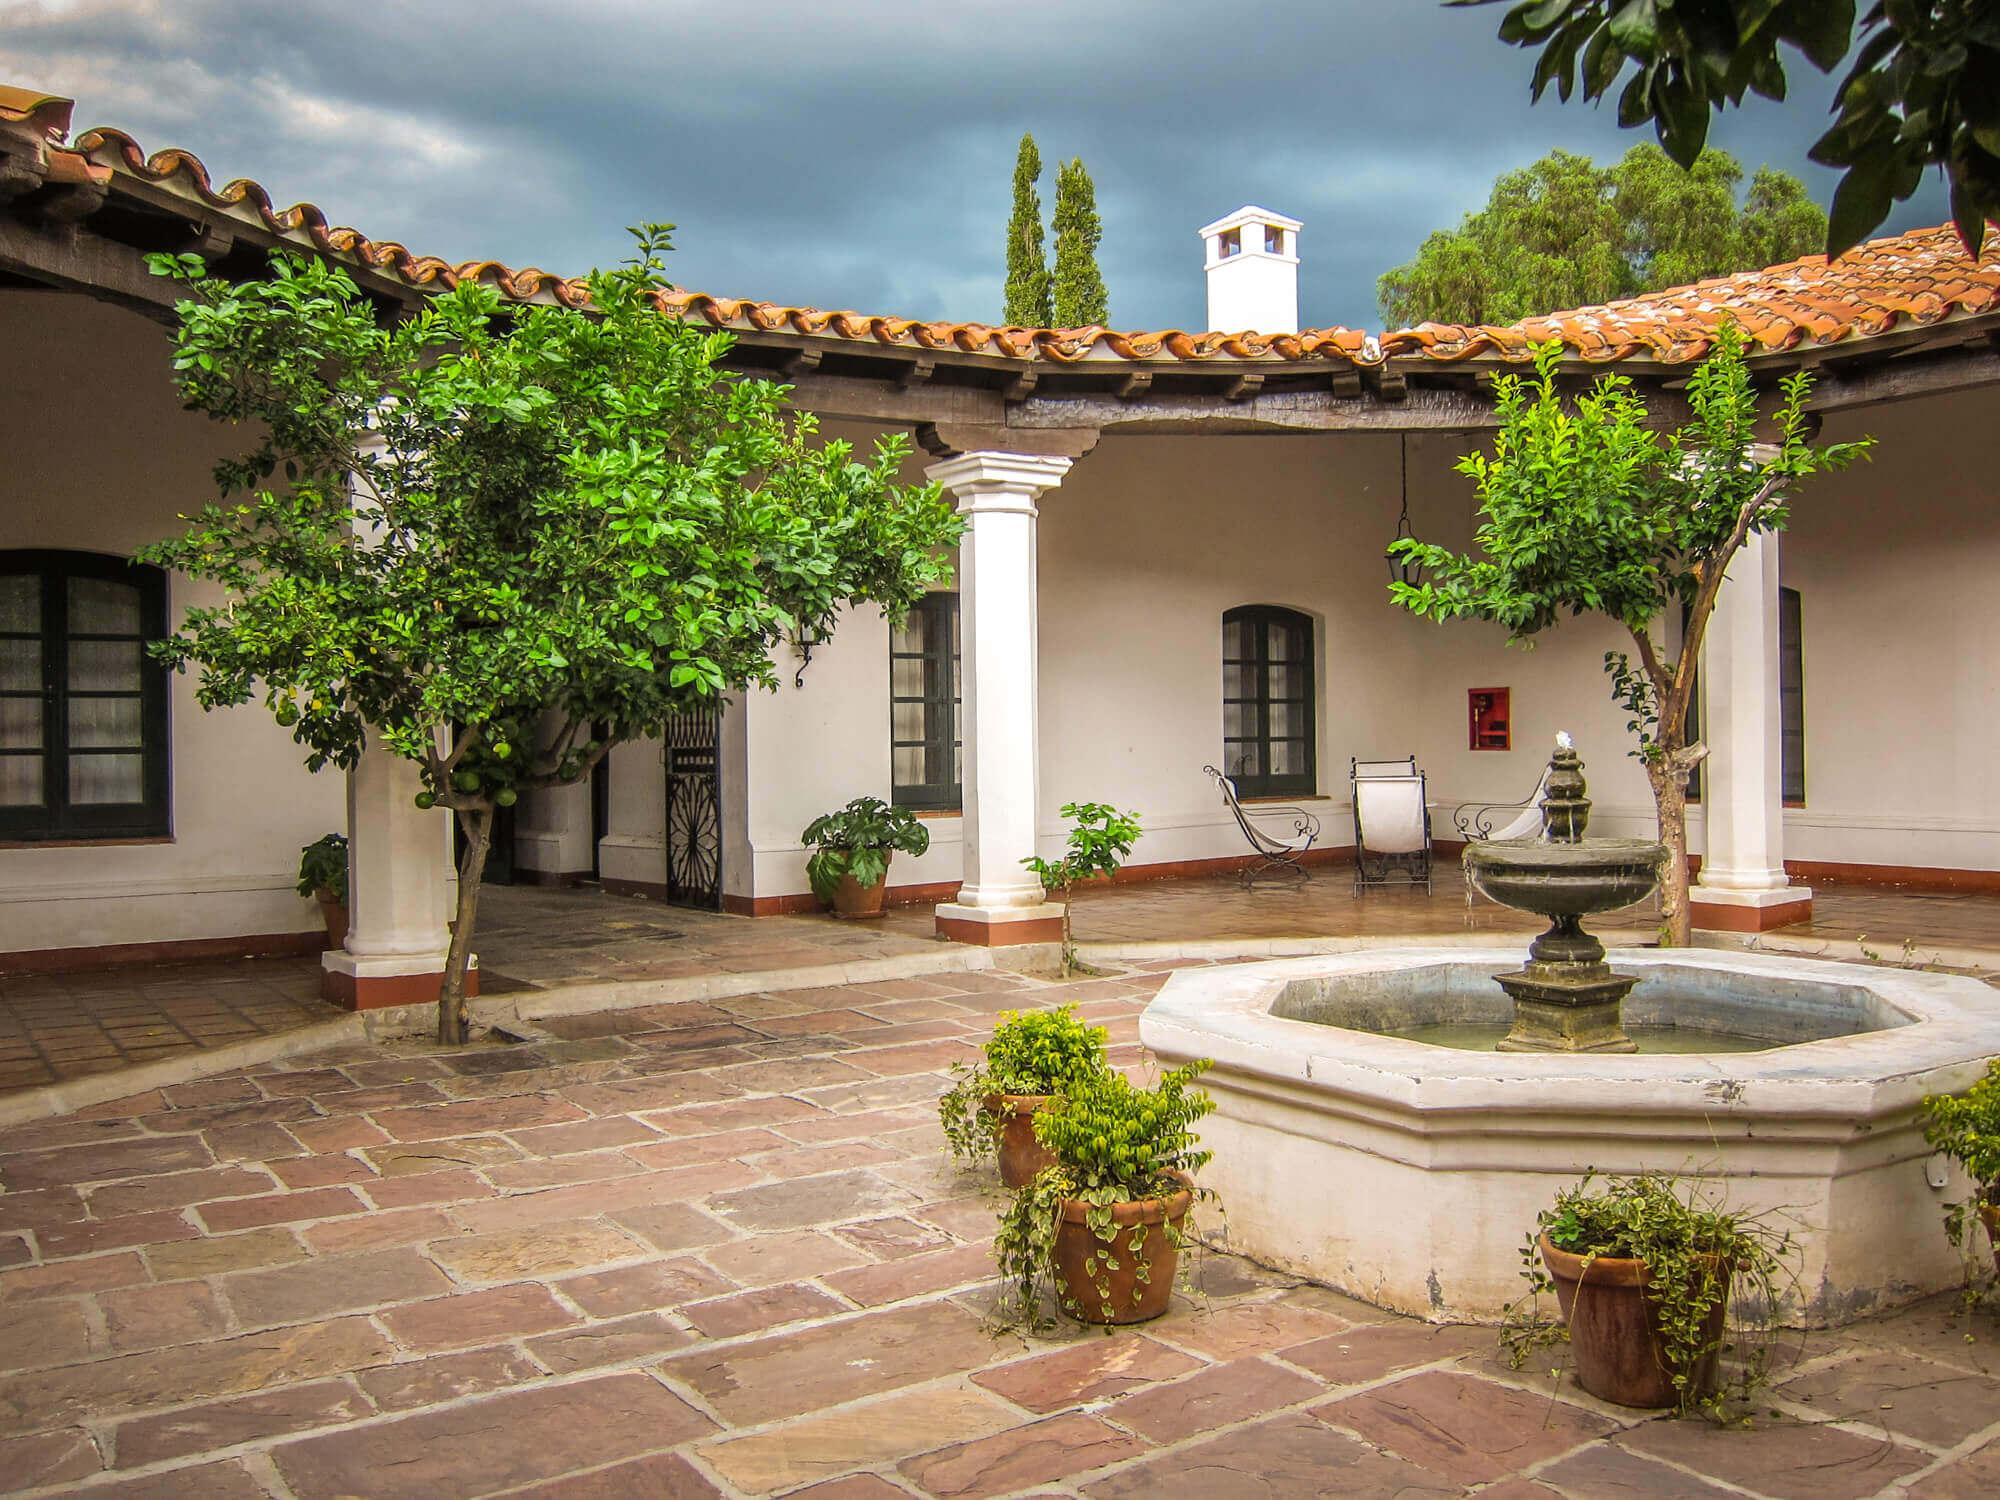 Patios de Cafayate courtyard